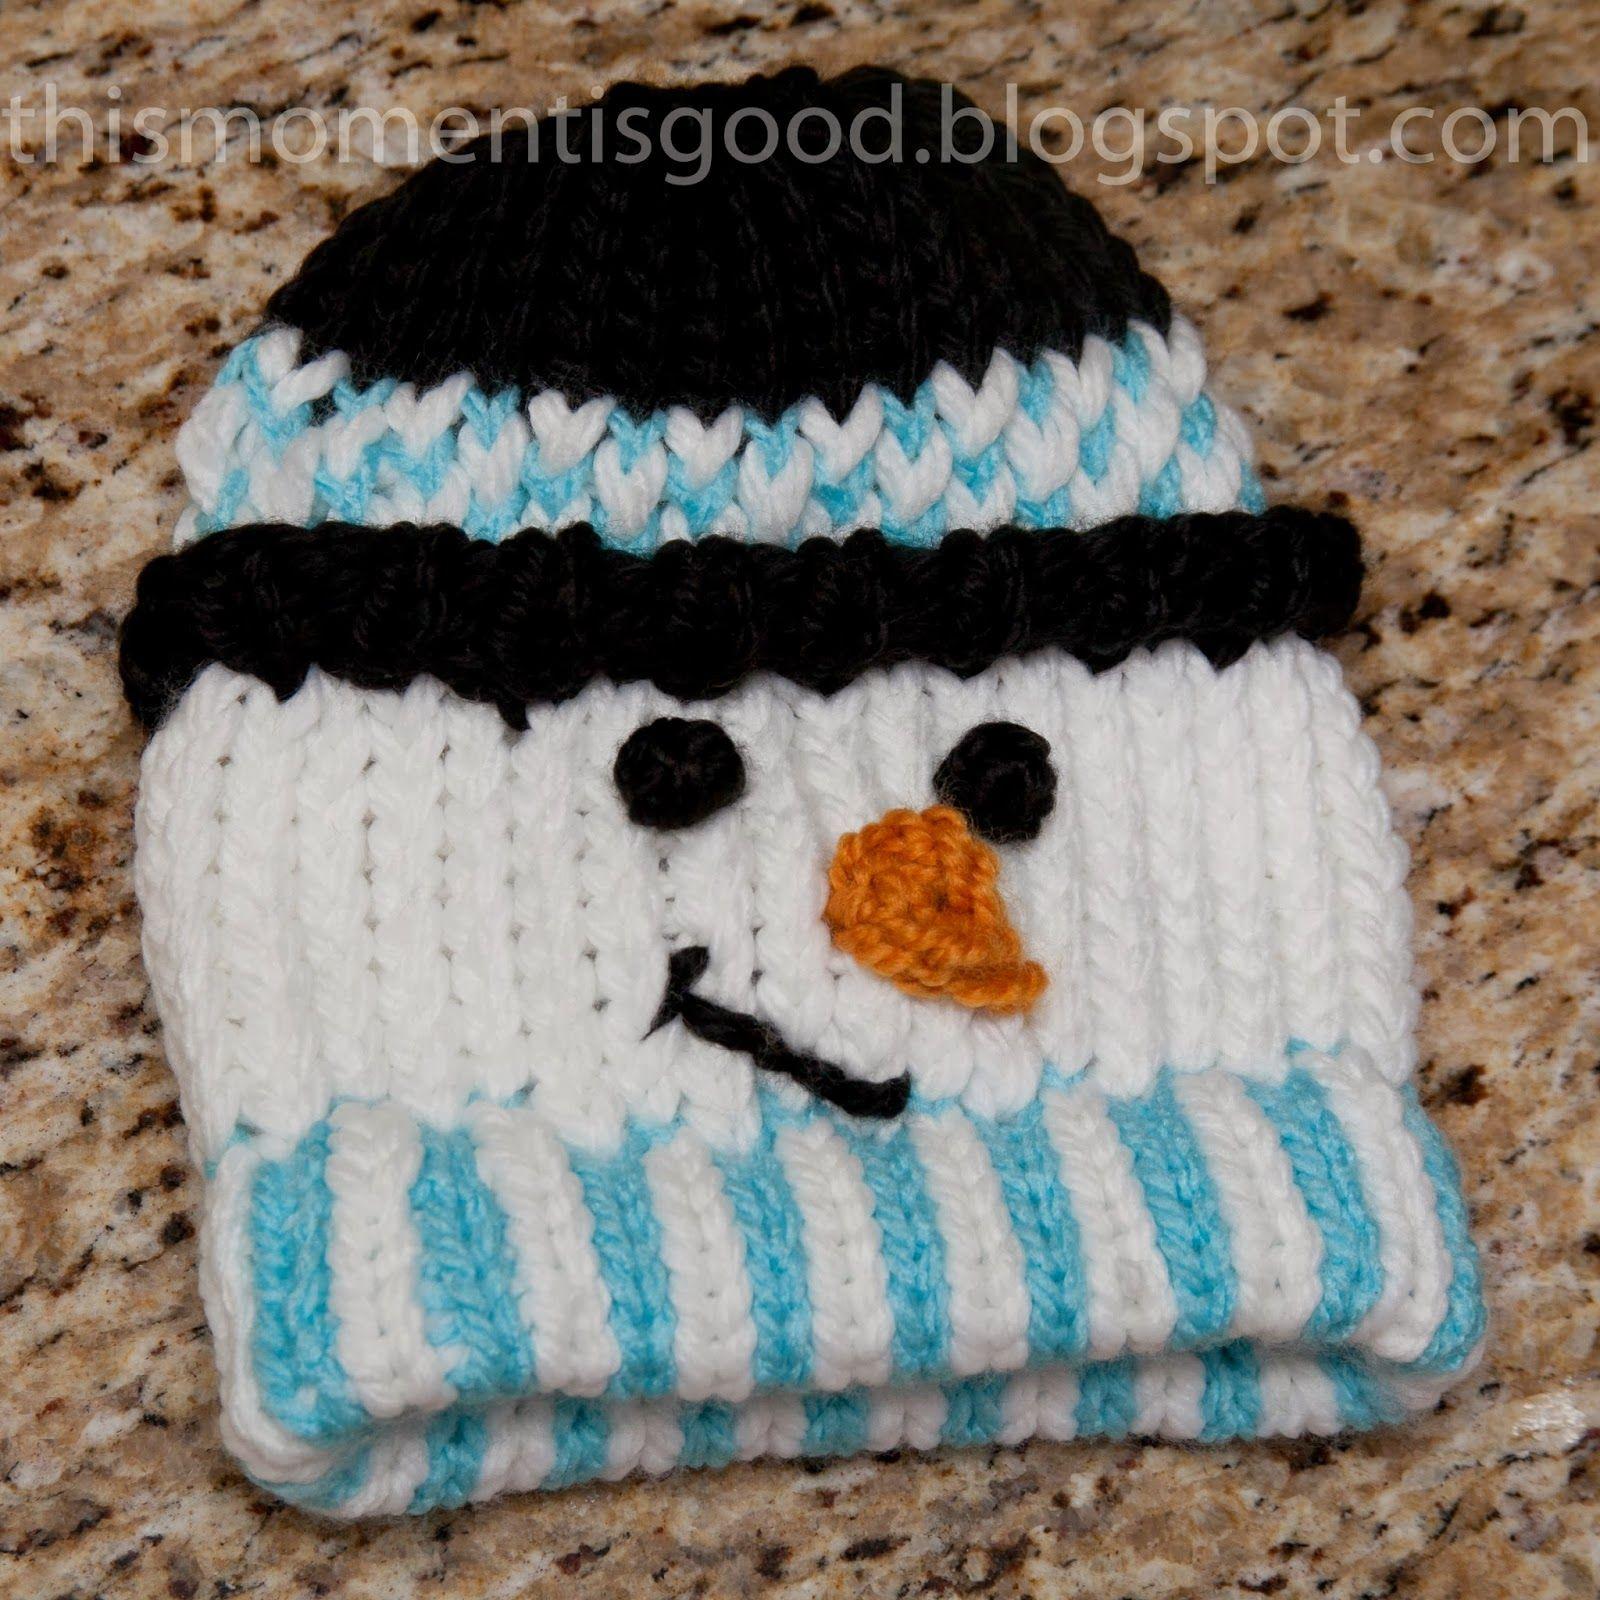 LOOM KNIT SNOWMAN HAT | Snowman hat, Snowman and Loom knitting